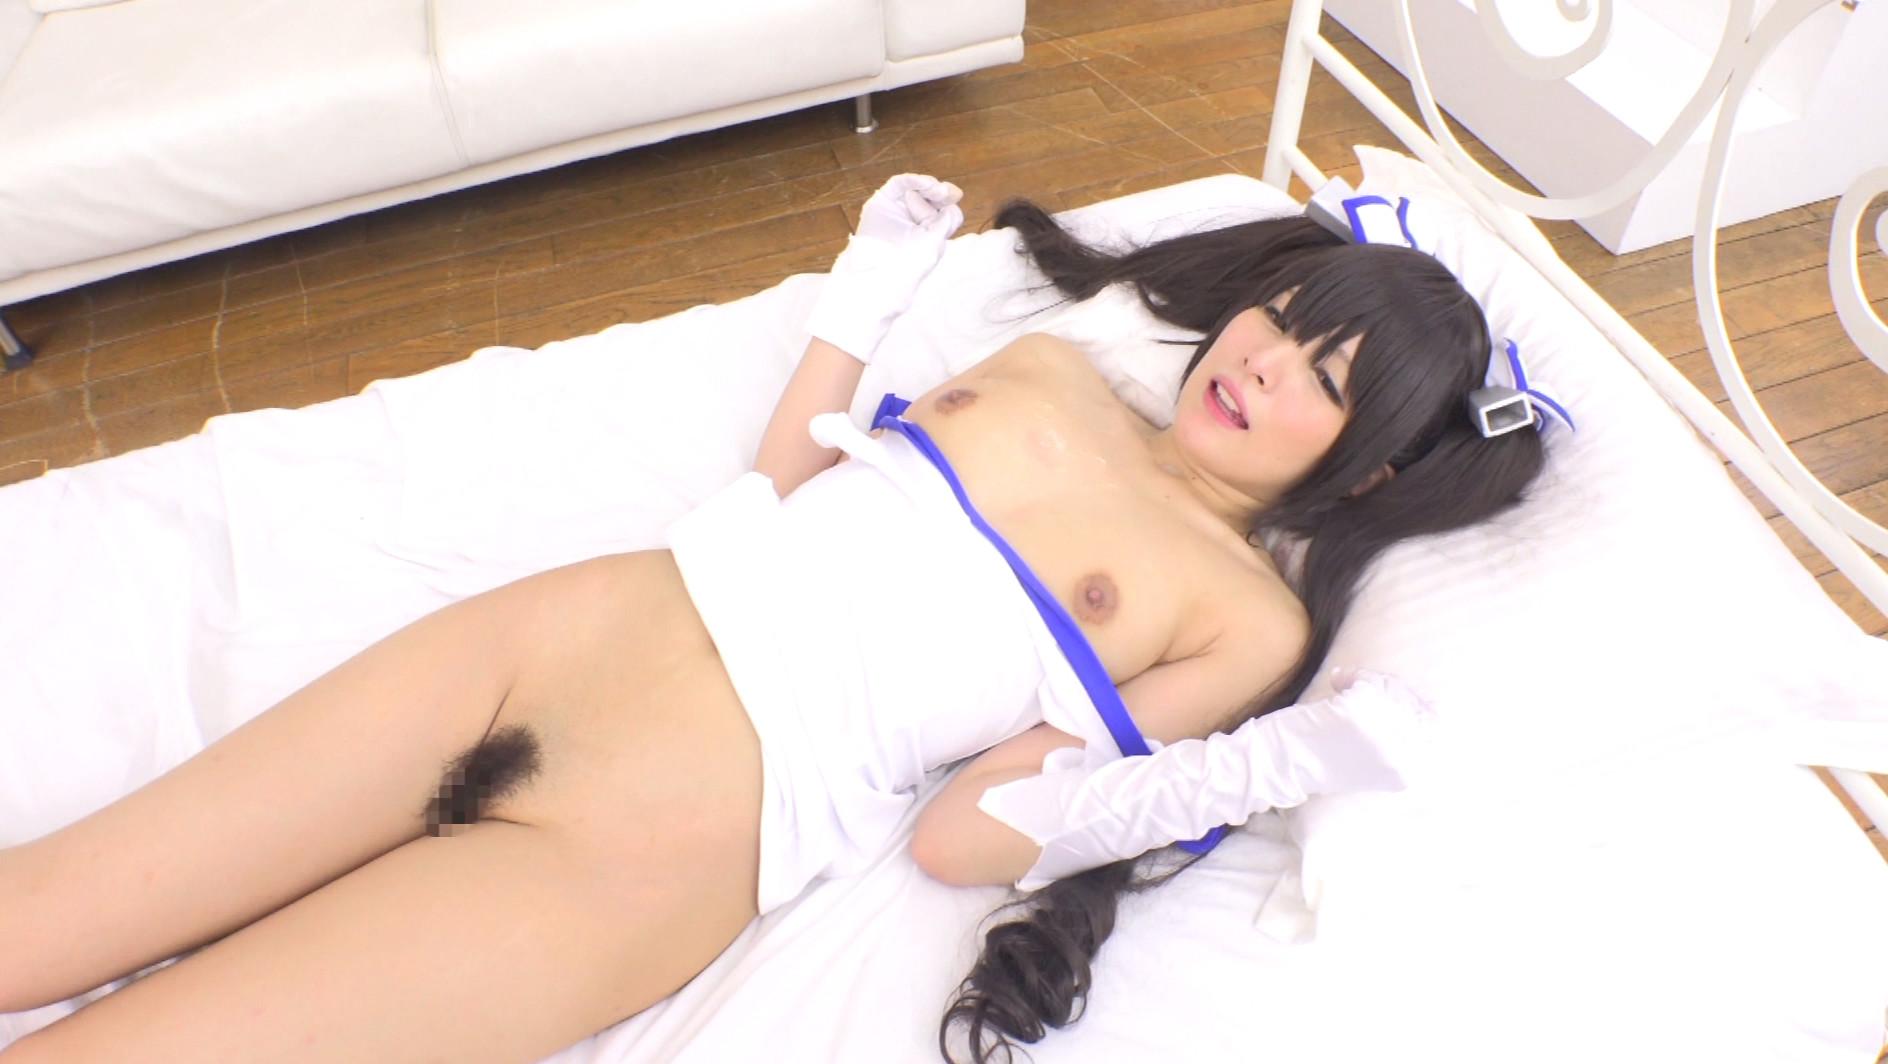 人気AV女優みほの×アニメコスプレ キャプチャー画像 (19)